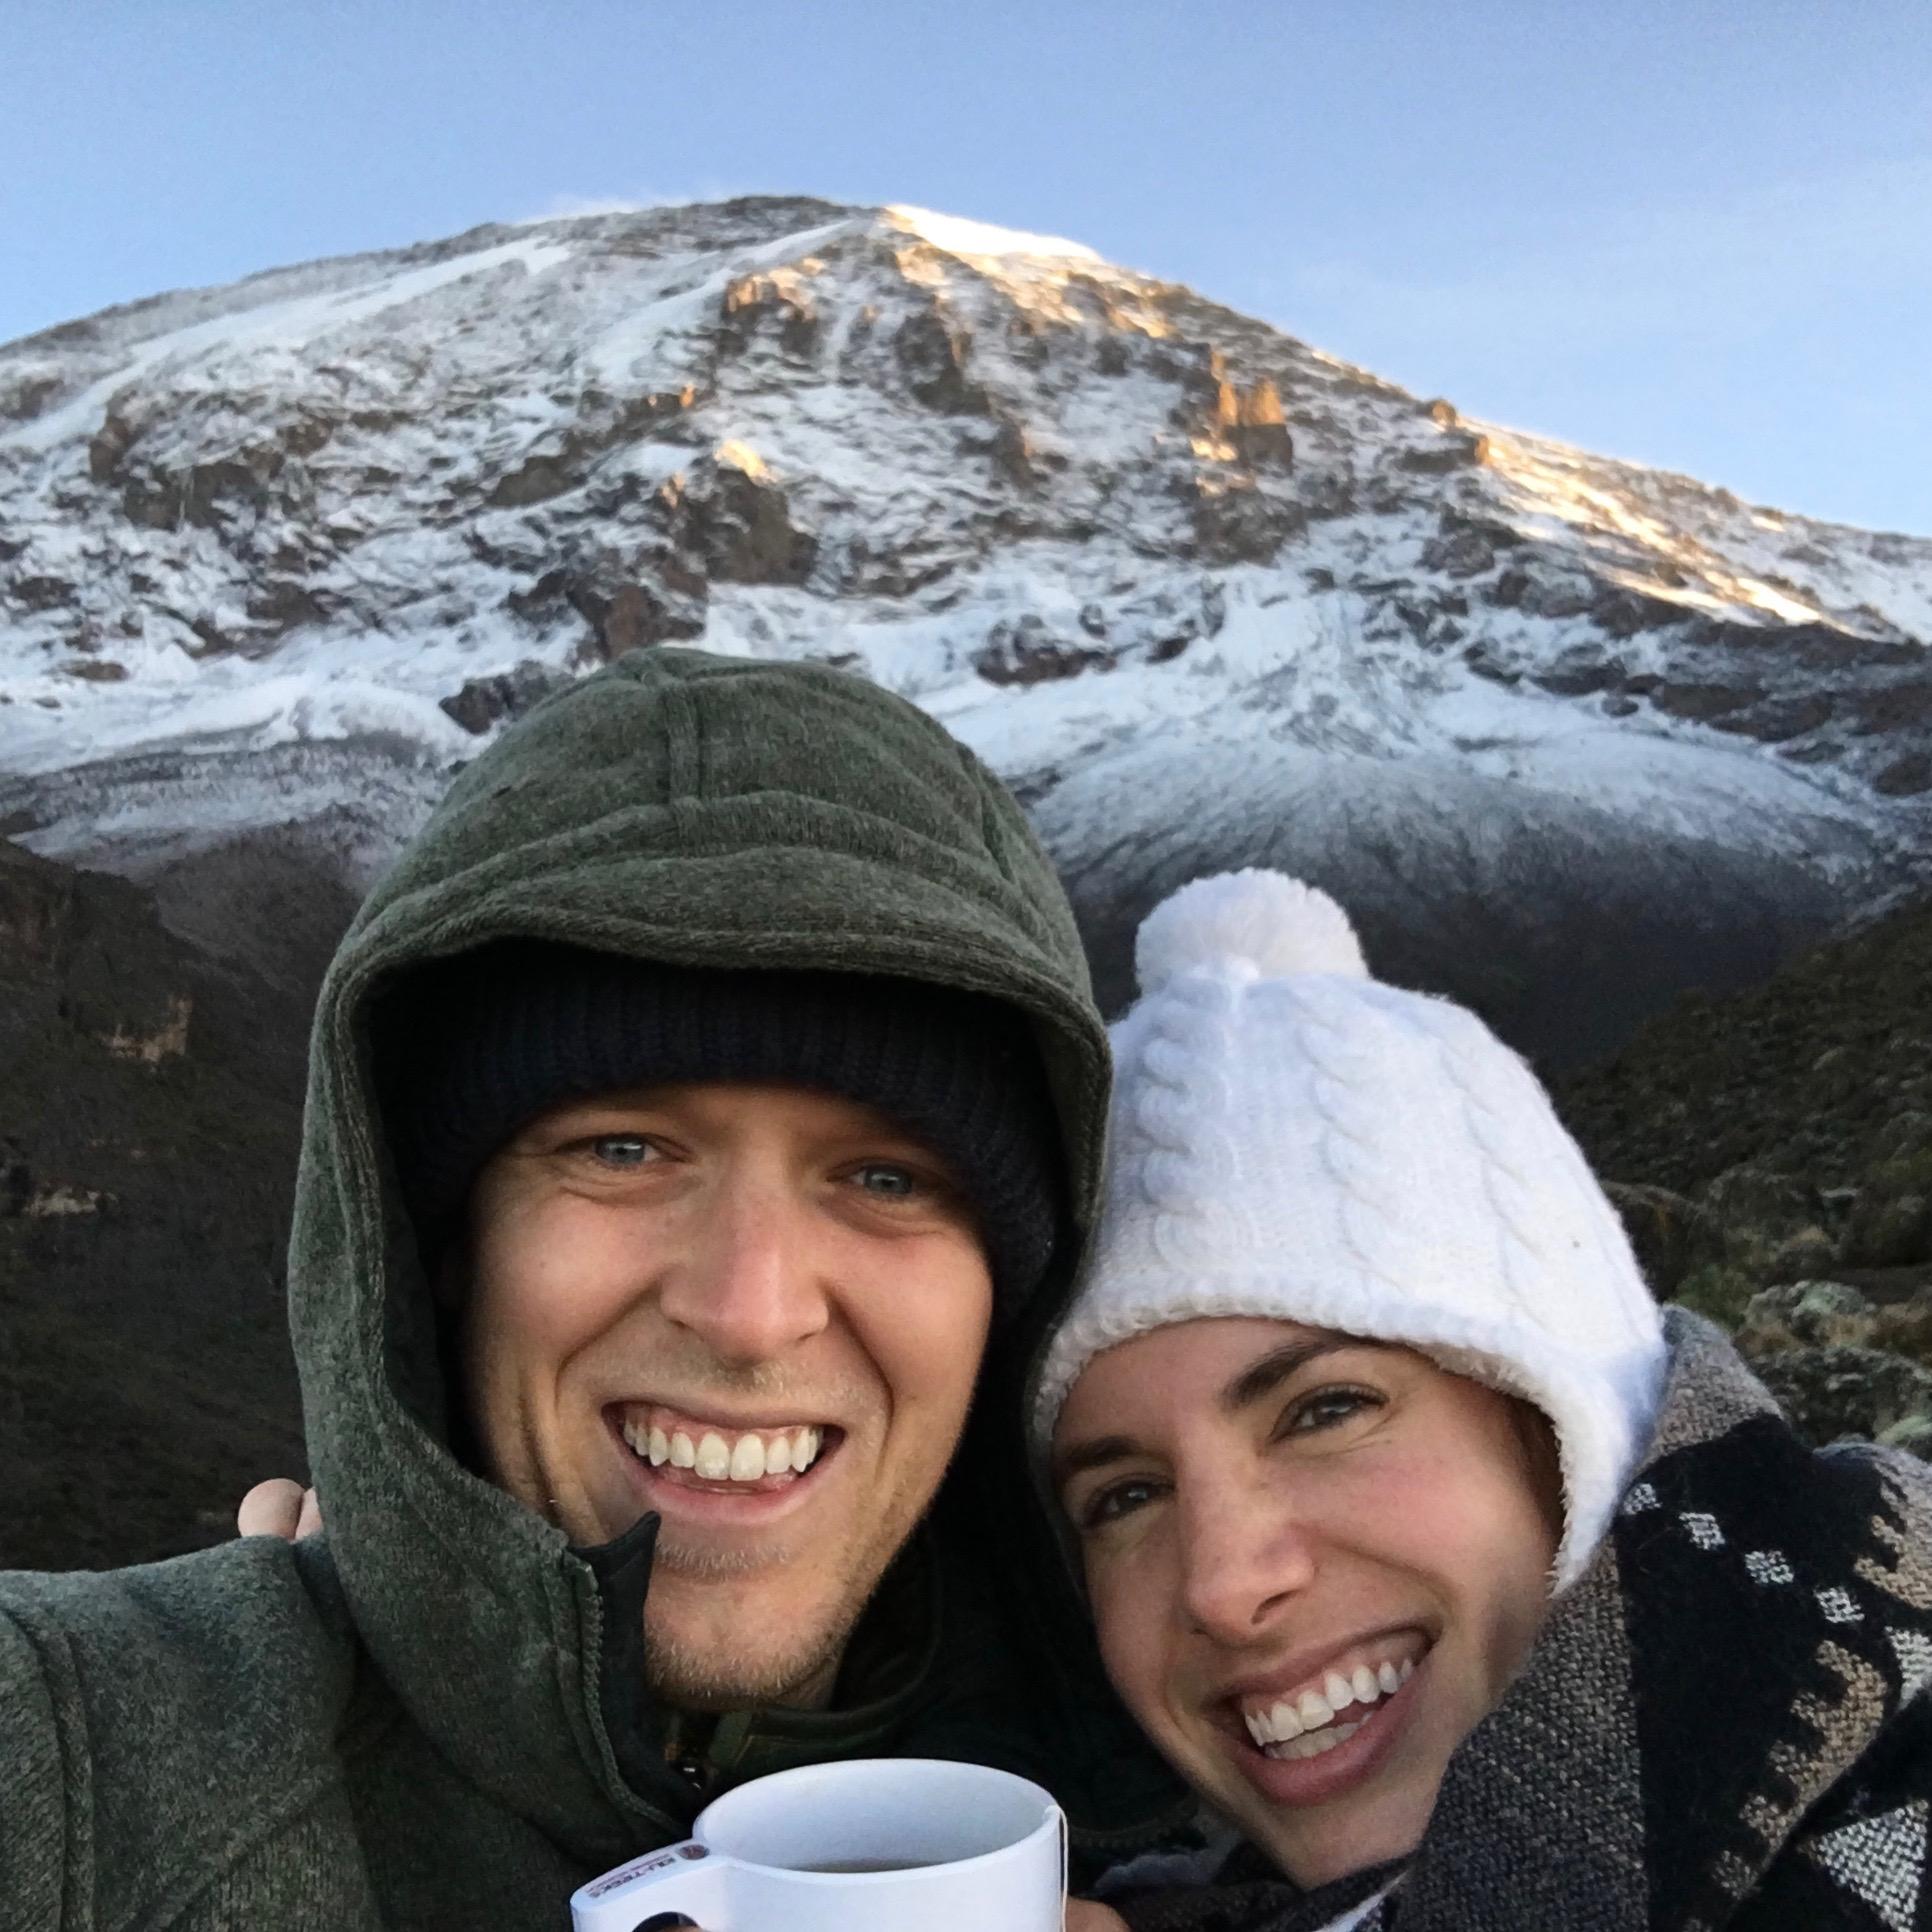 Kilimanjaro at 14,000 feet